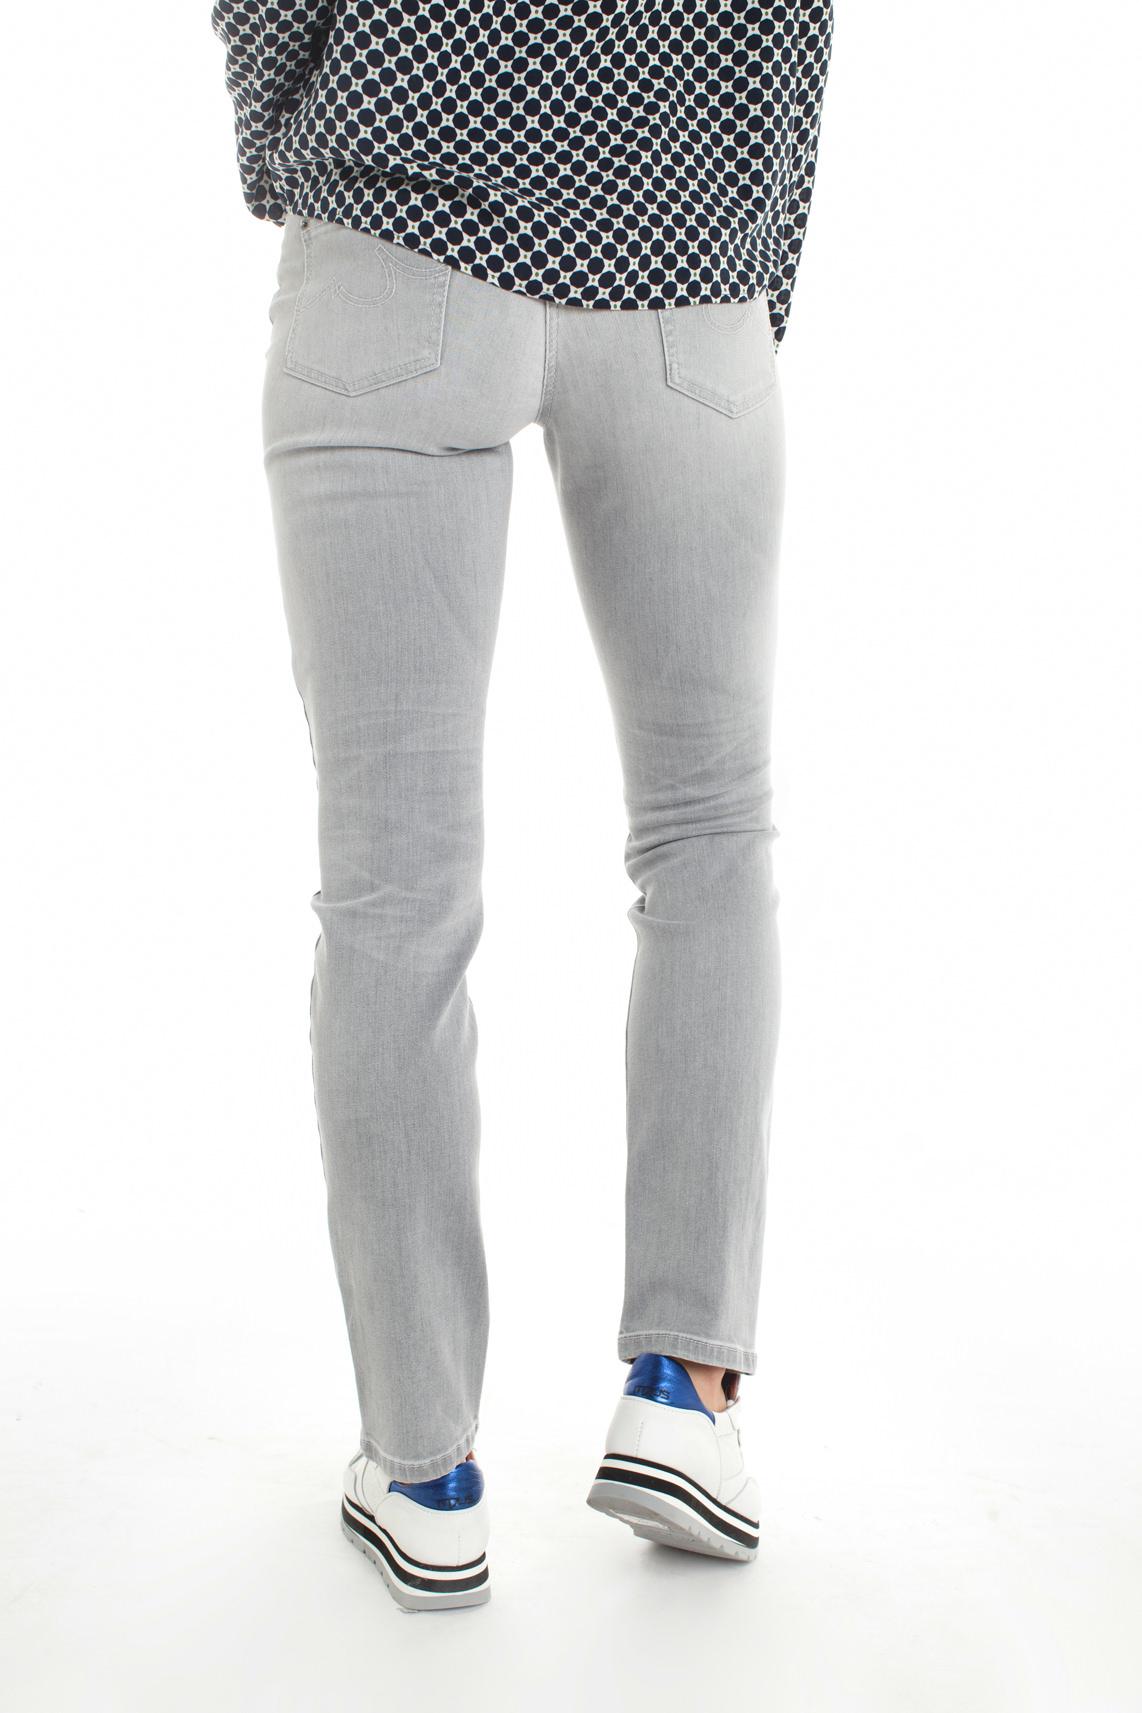 Cambio Dames Parla grijze jeans Grijs